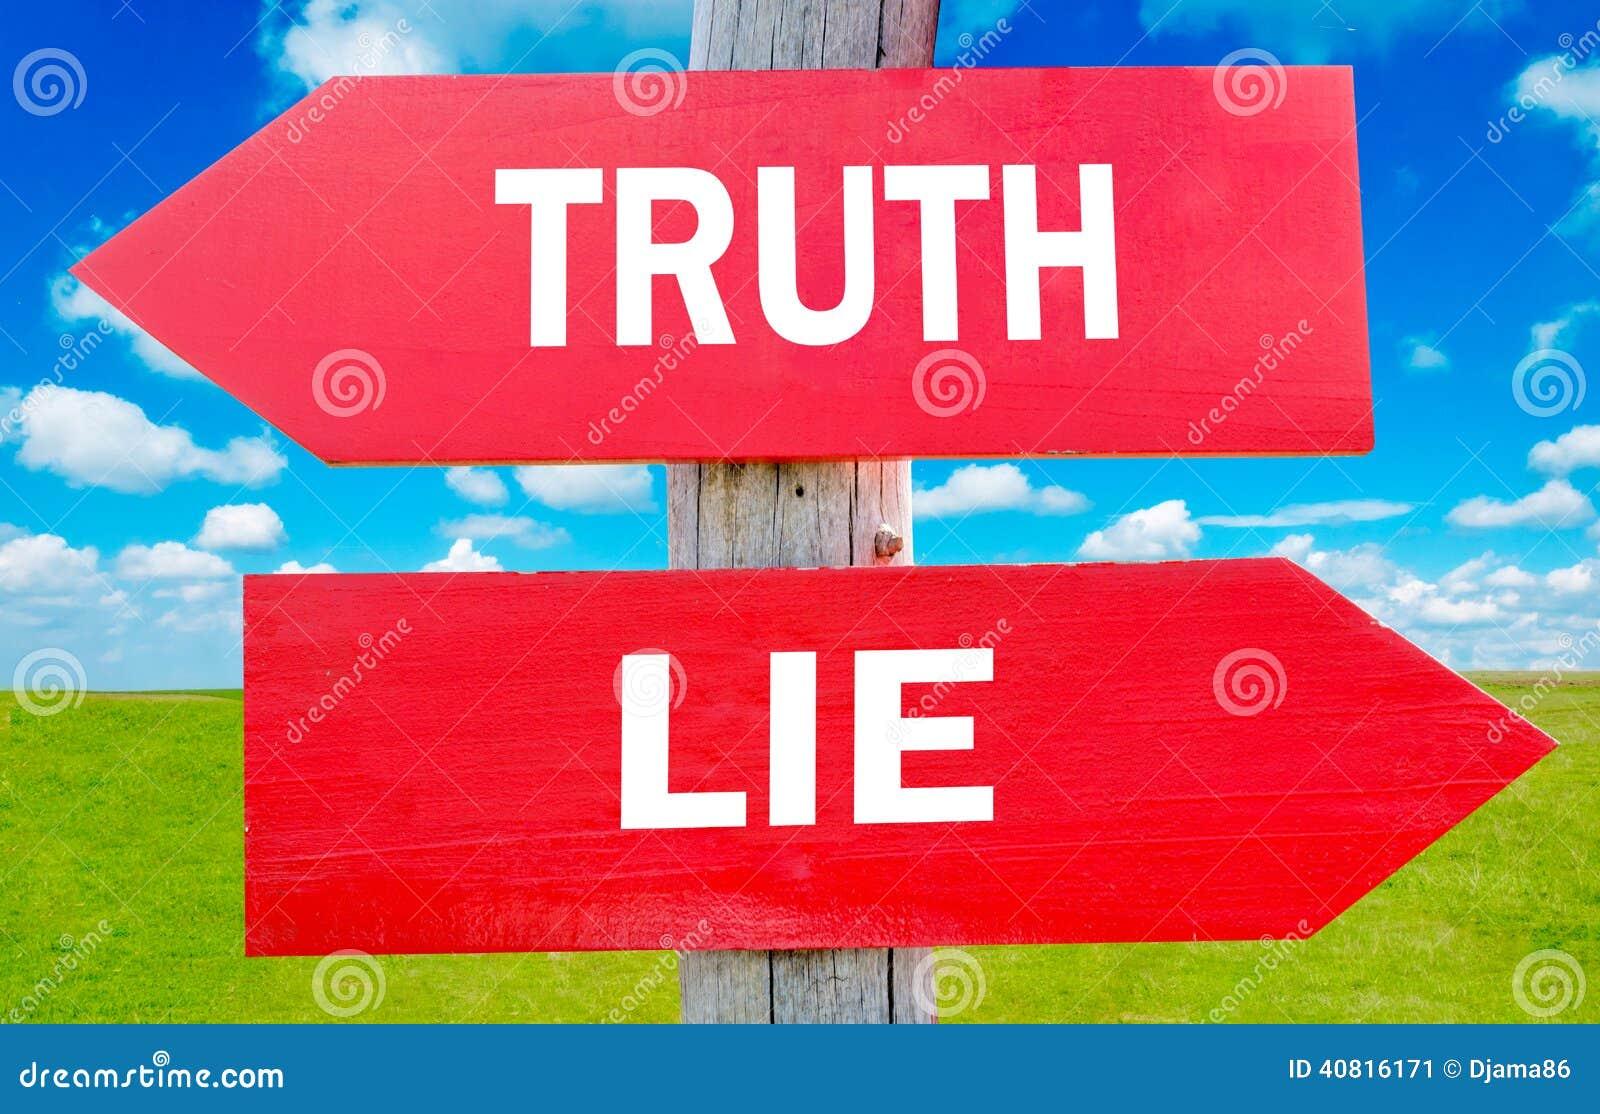 Verdad o mentira